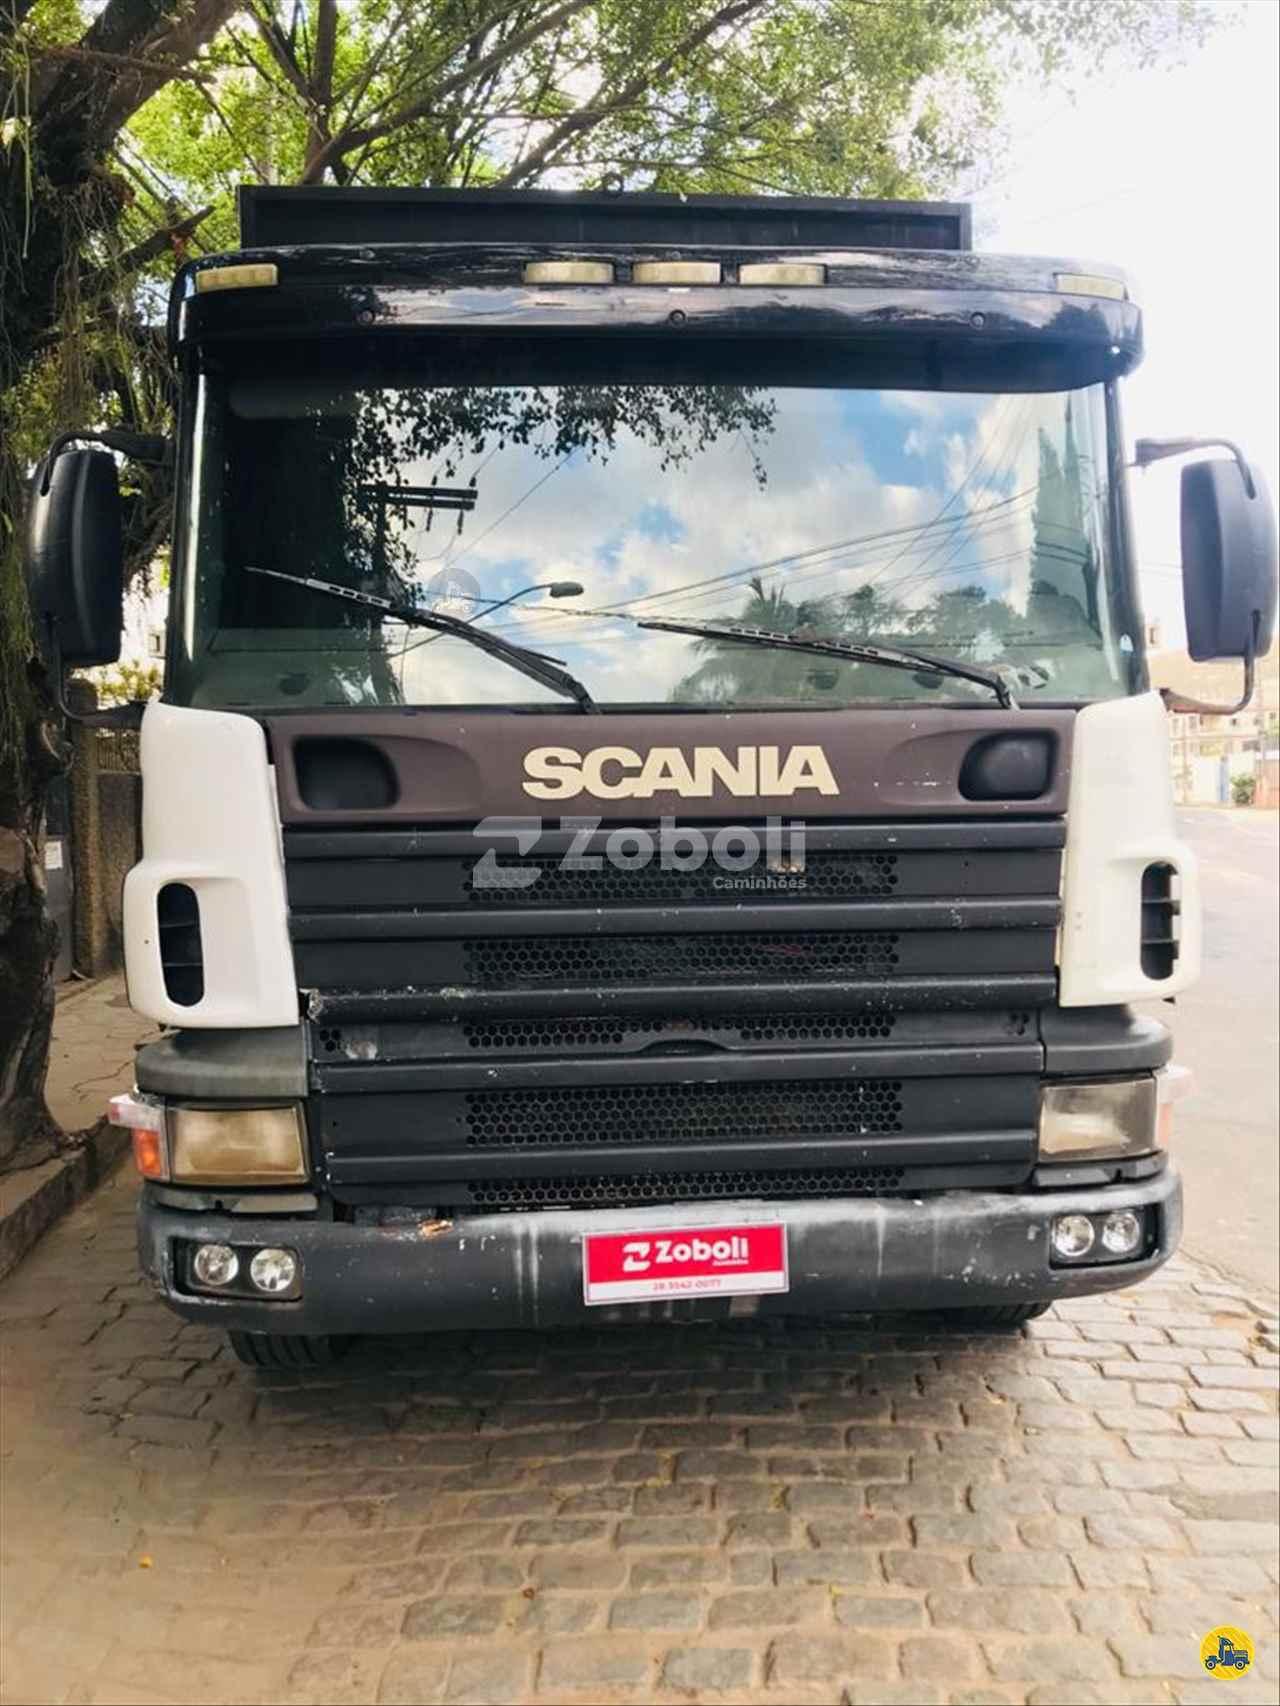 CAMINHAO SCANIA SCANIA 124 360 Tora Florestal BiTruck 8x4 Zoboli Caminhões CASTELO ESPÍRITO SANTO ES